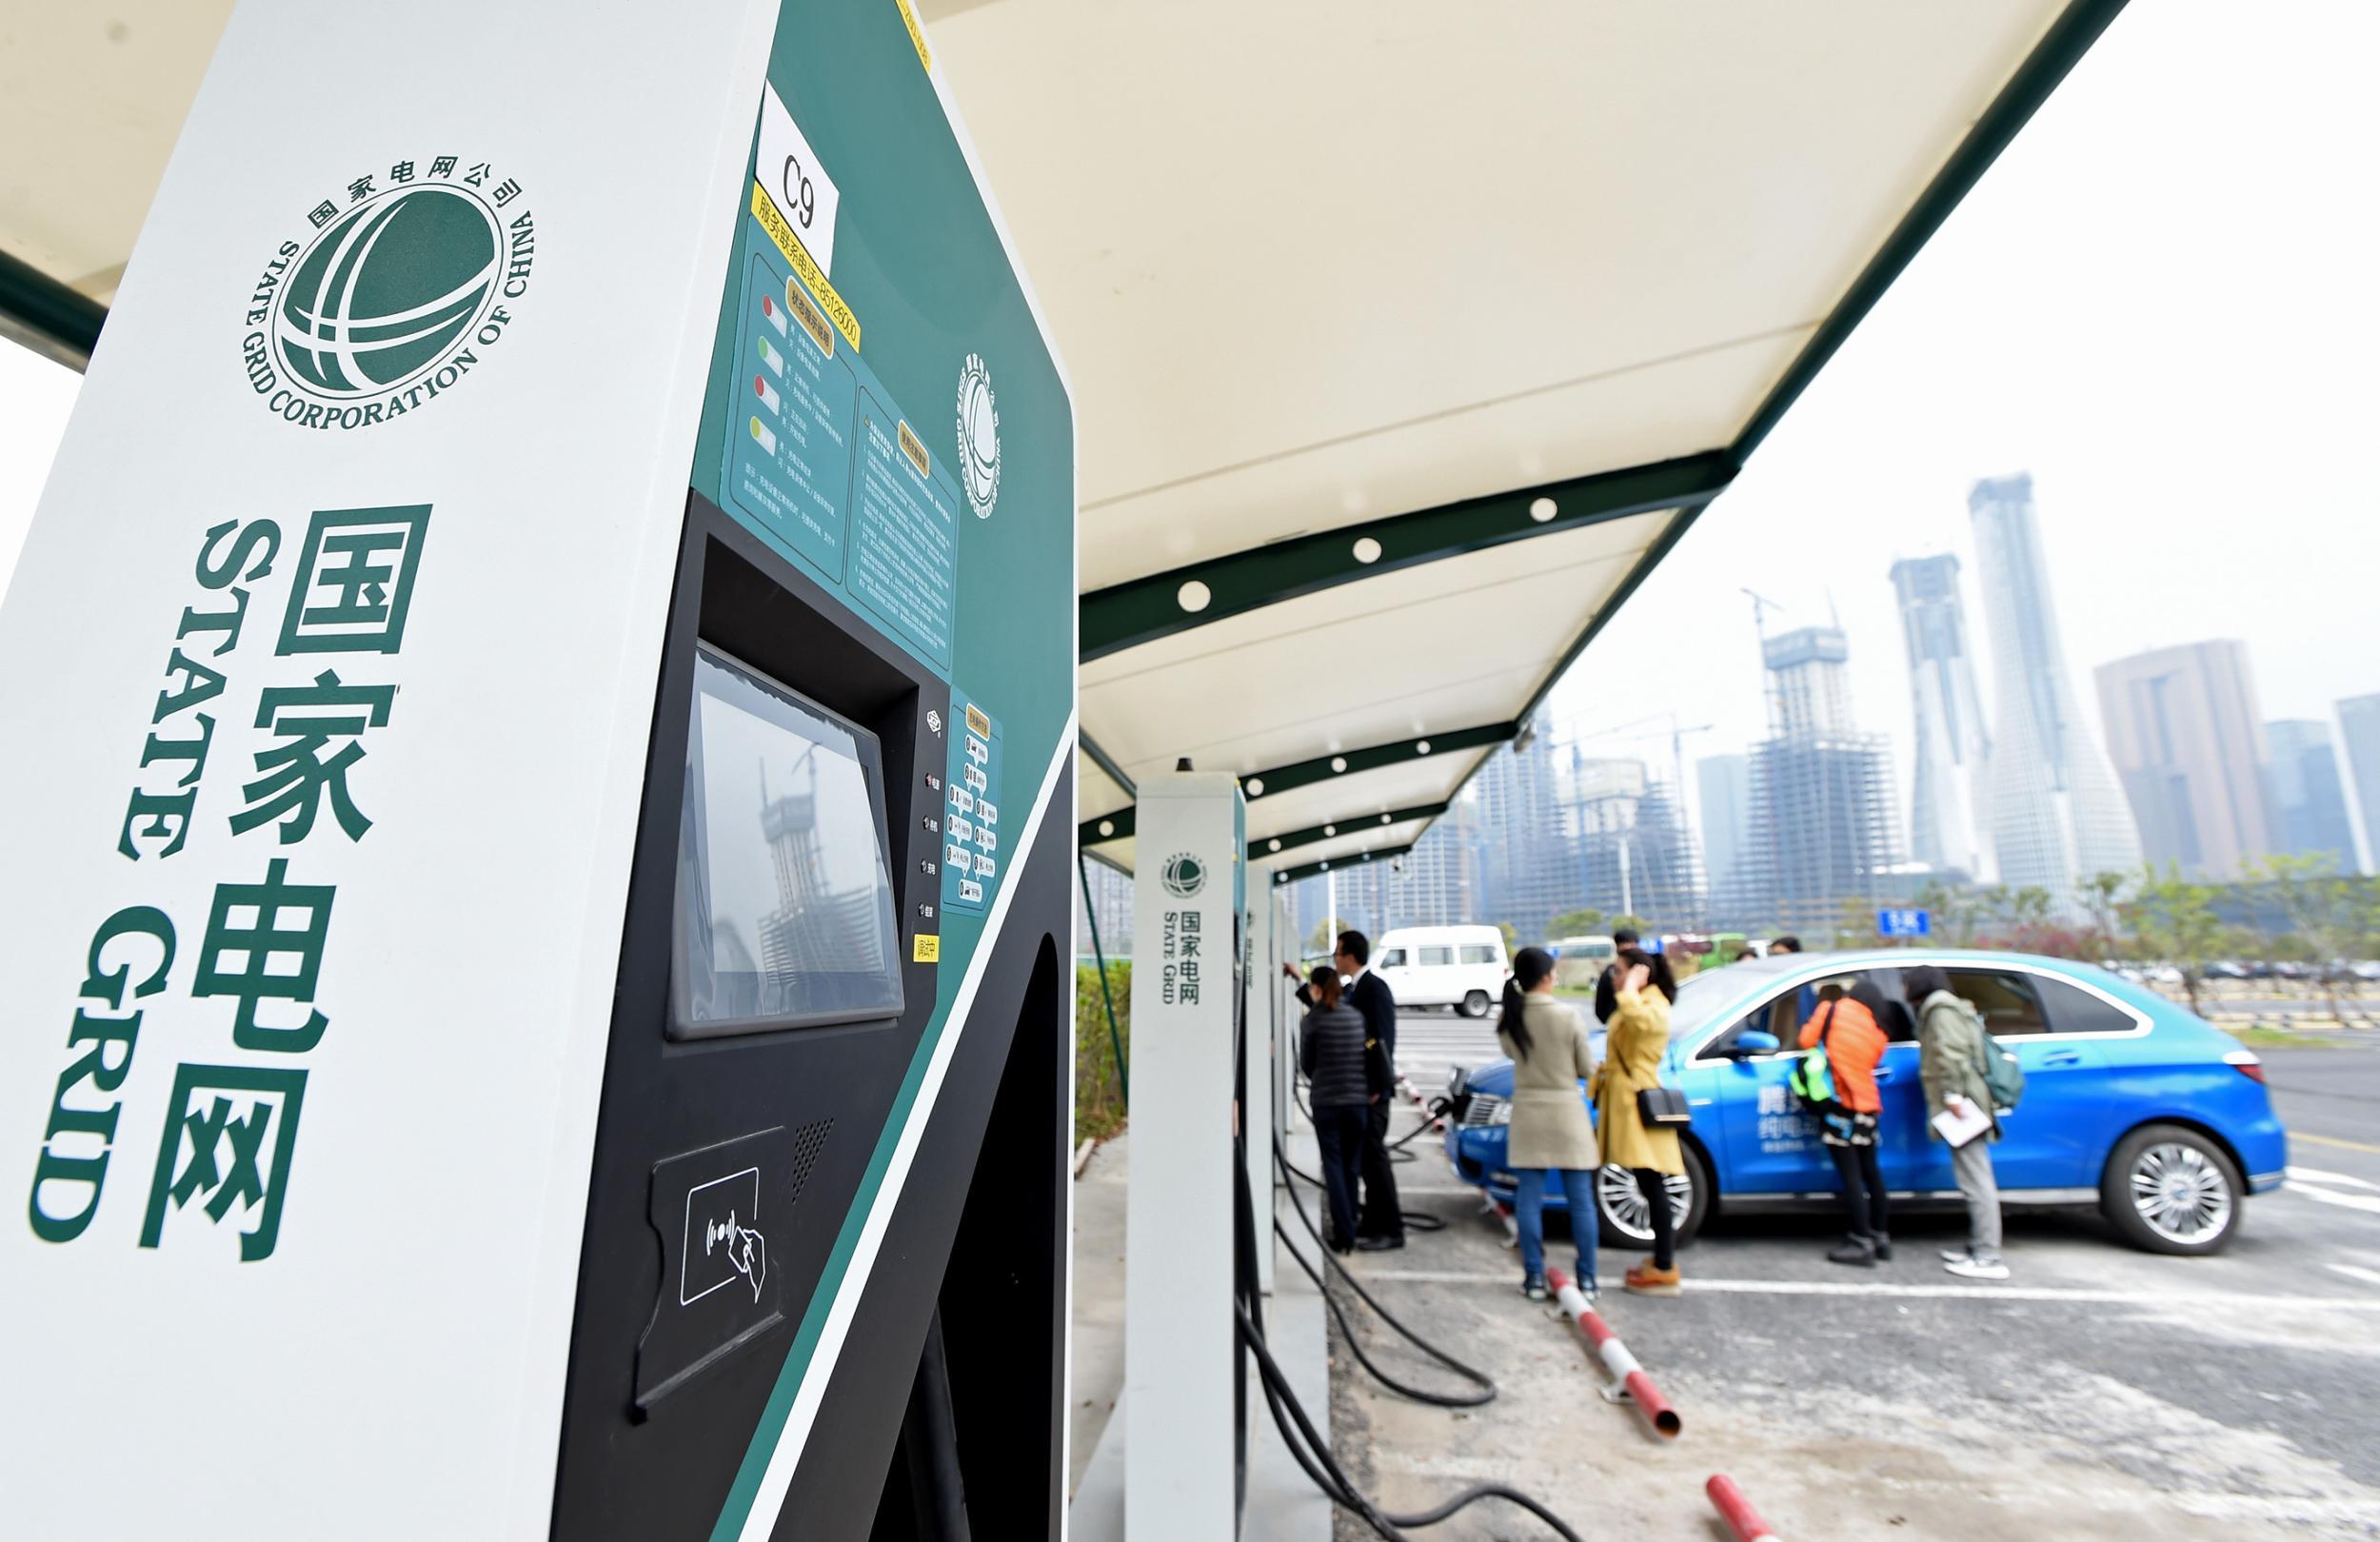 63家在京央企提交新能源汽车购置充电桩建设需求 中国普天牵头